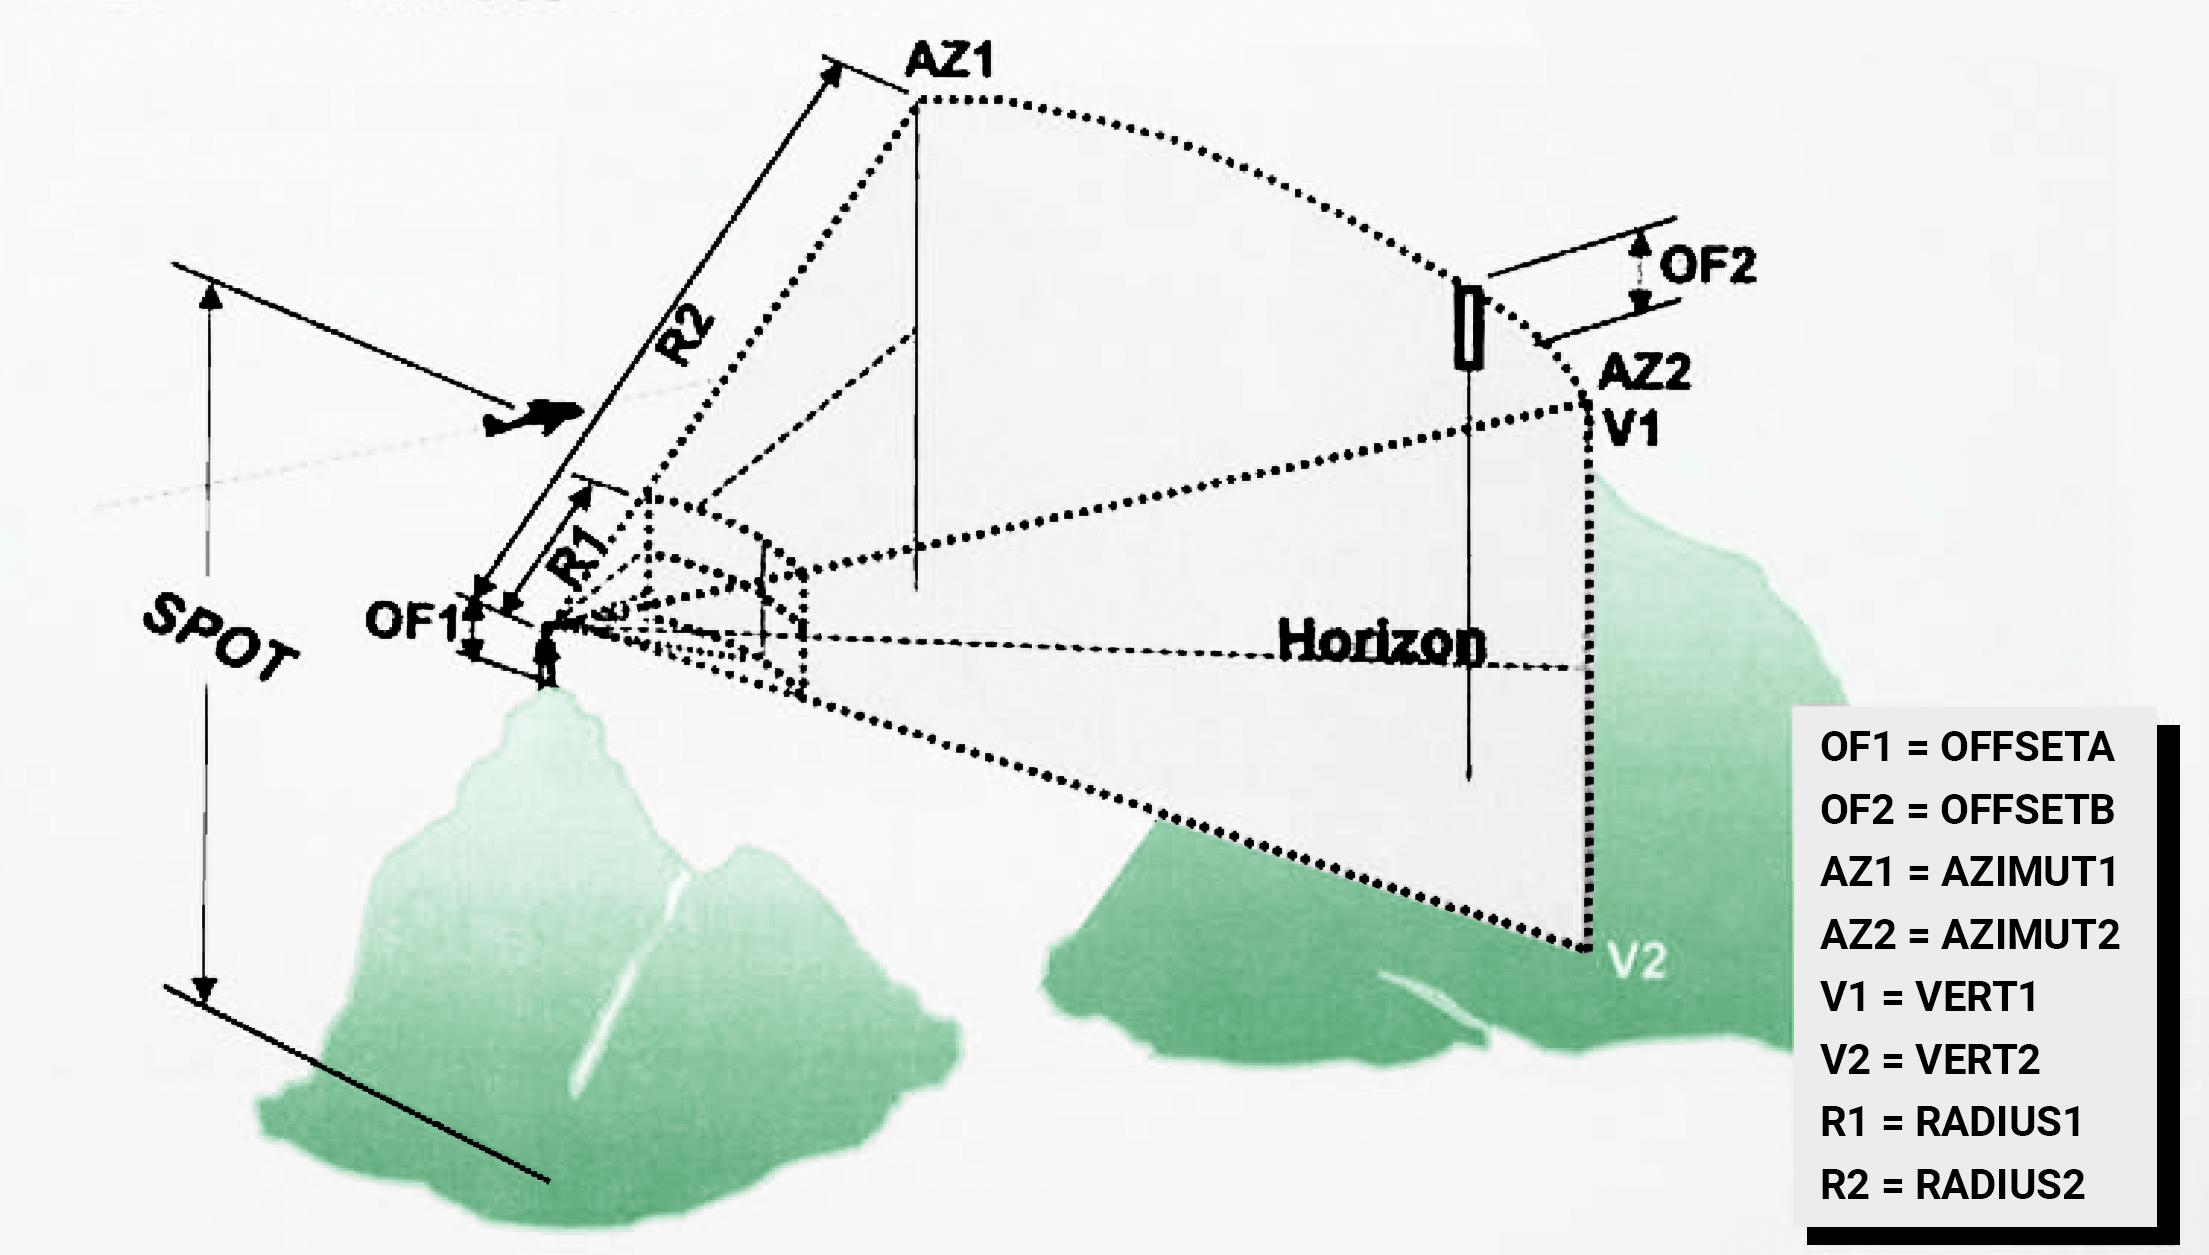 Parametre pozorovania